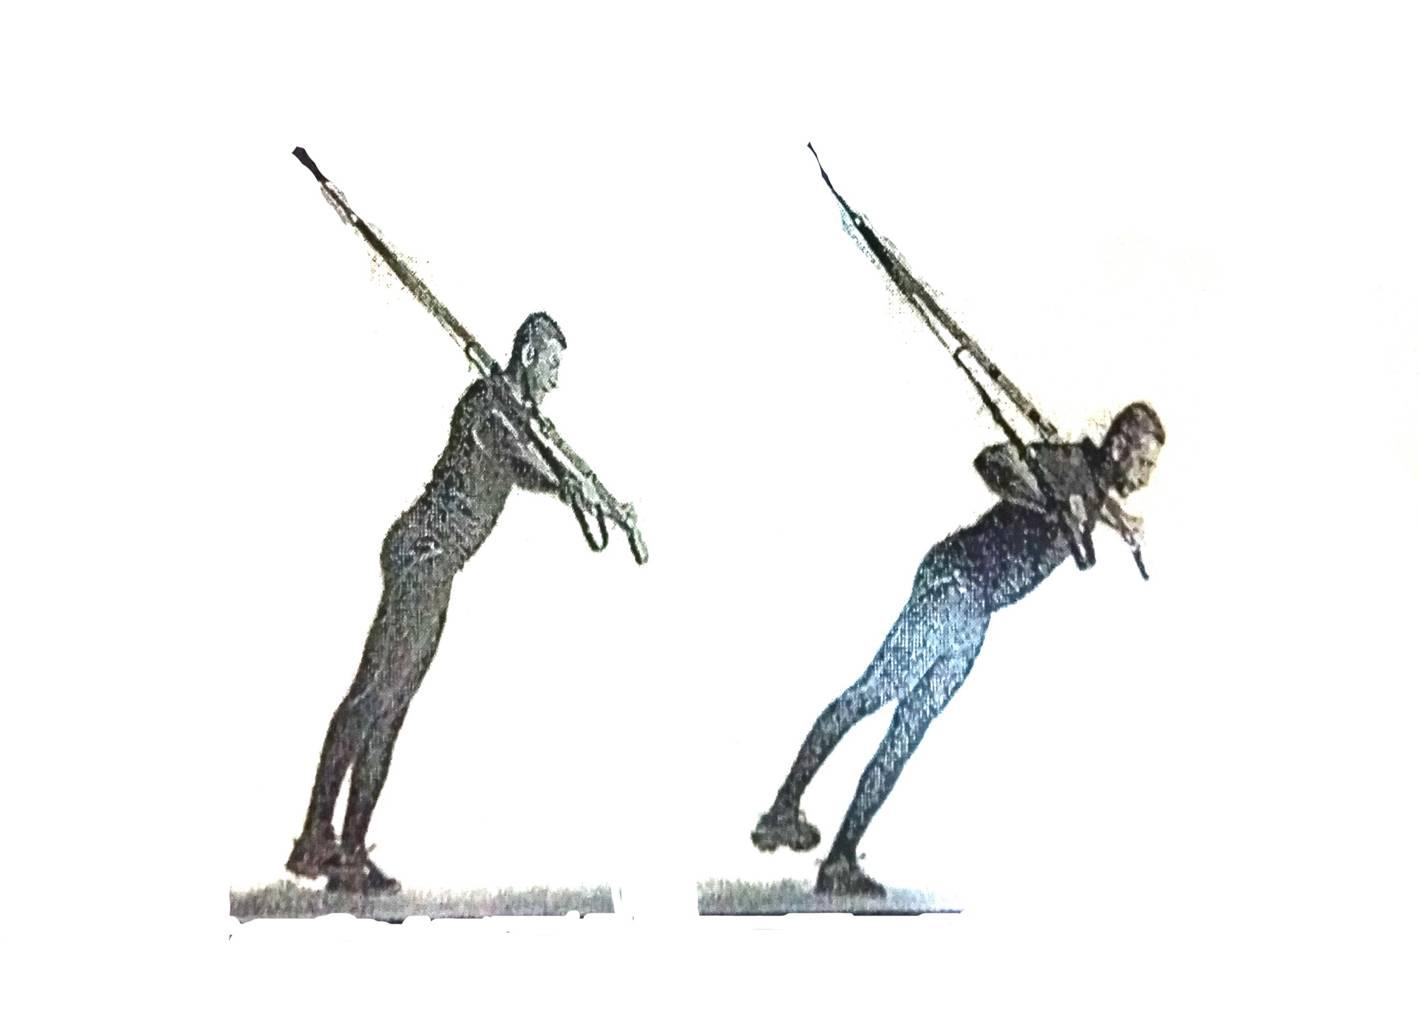 چربی سوزی و عضله سازی با ورزش تی آر ایکس (TRX)